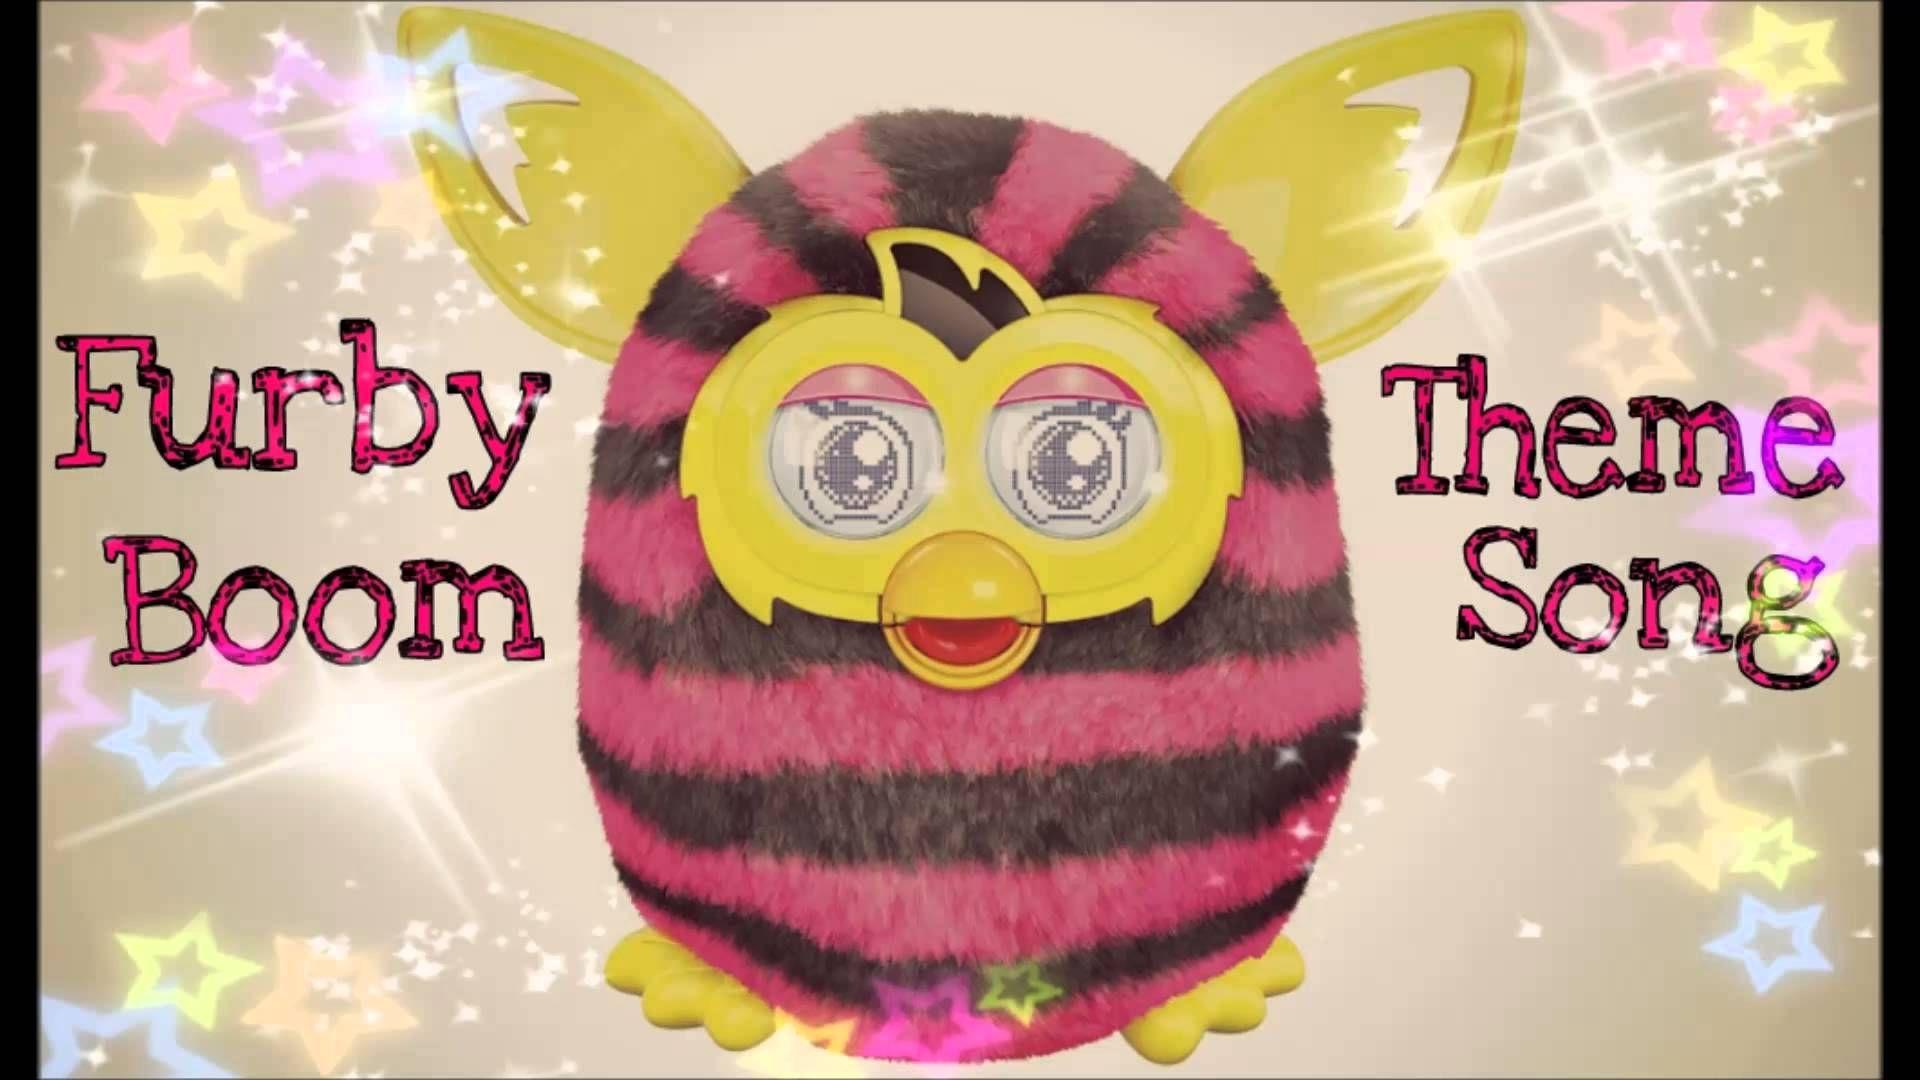 Furby Boom Theme Song! (HQ) Furby boom, Furby, Christmas